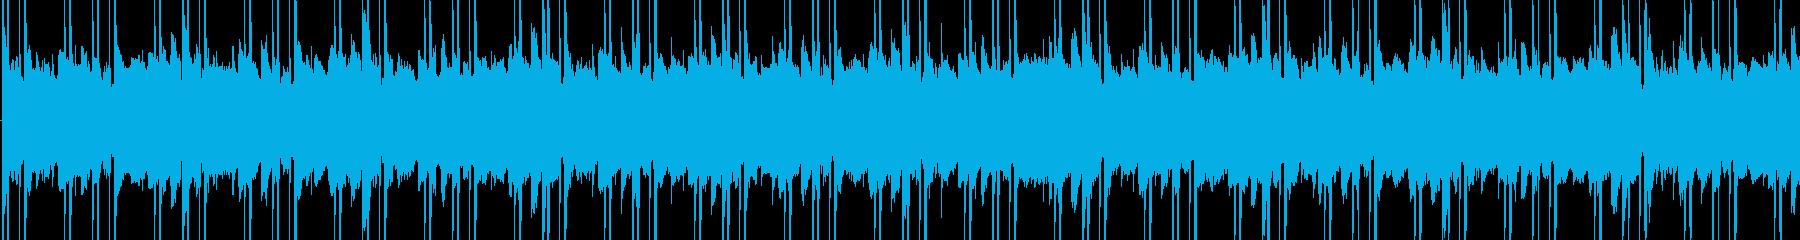 【ループ仕様】爽やか/ゆったり/トラップの再生済みの波形